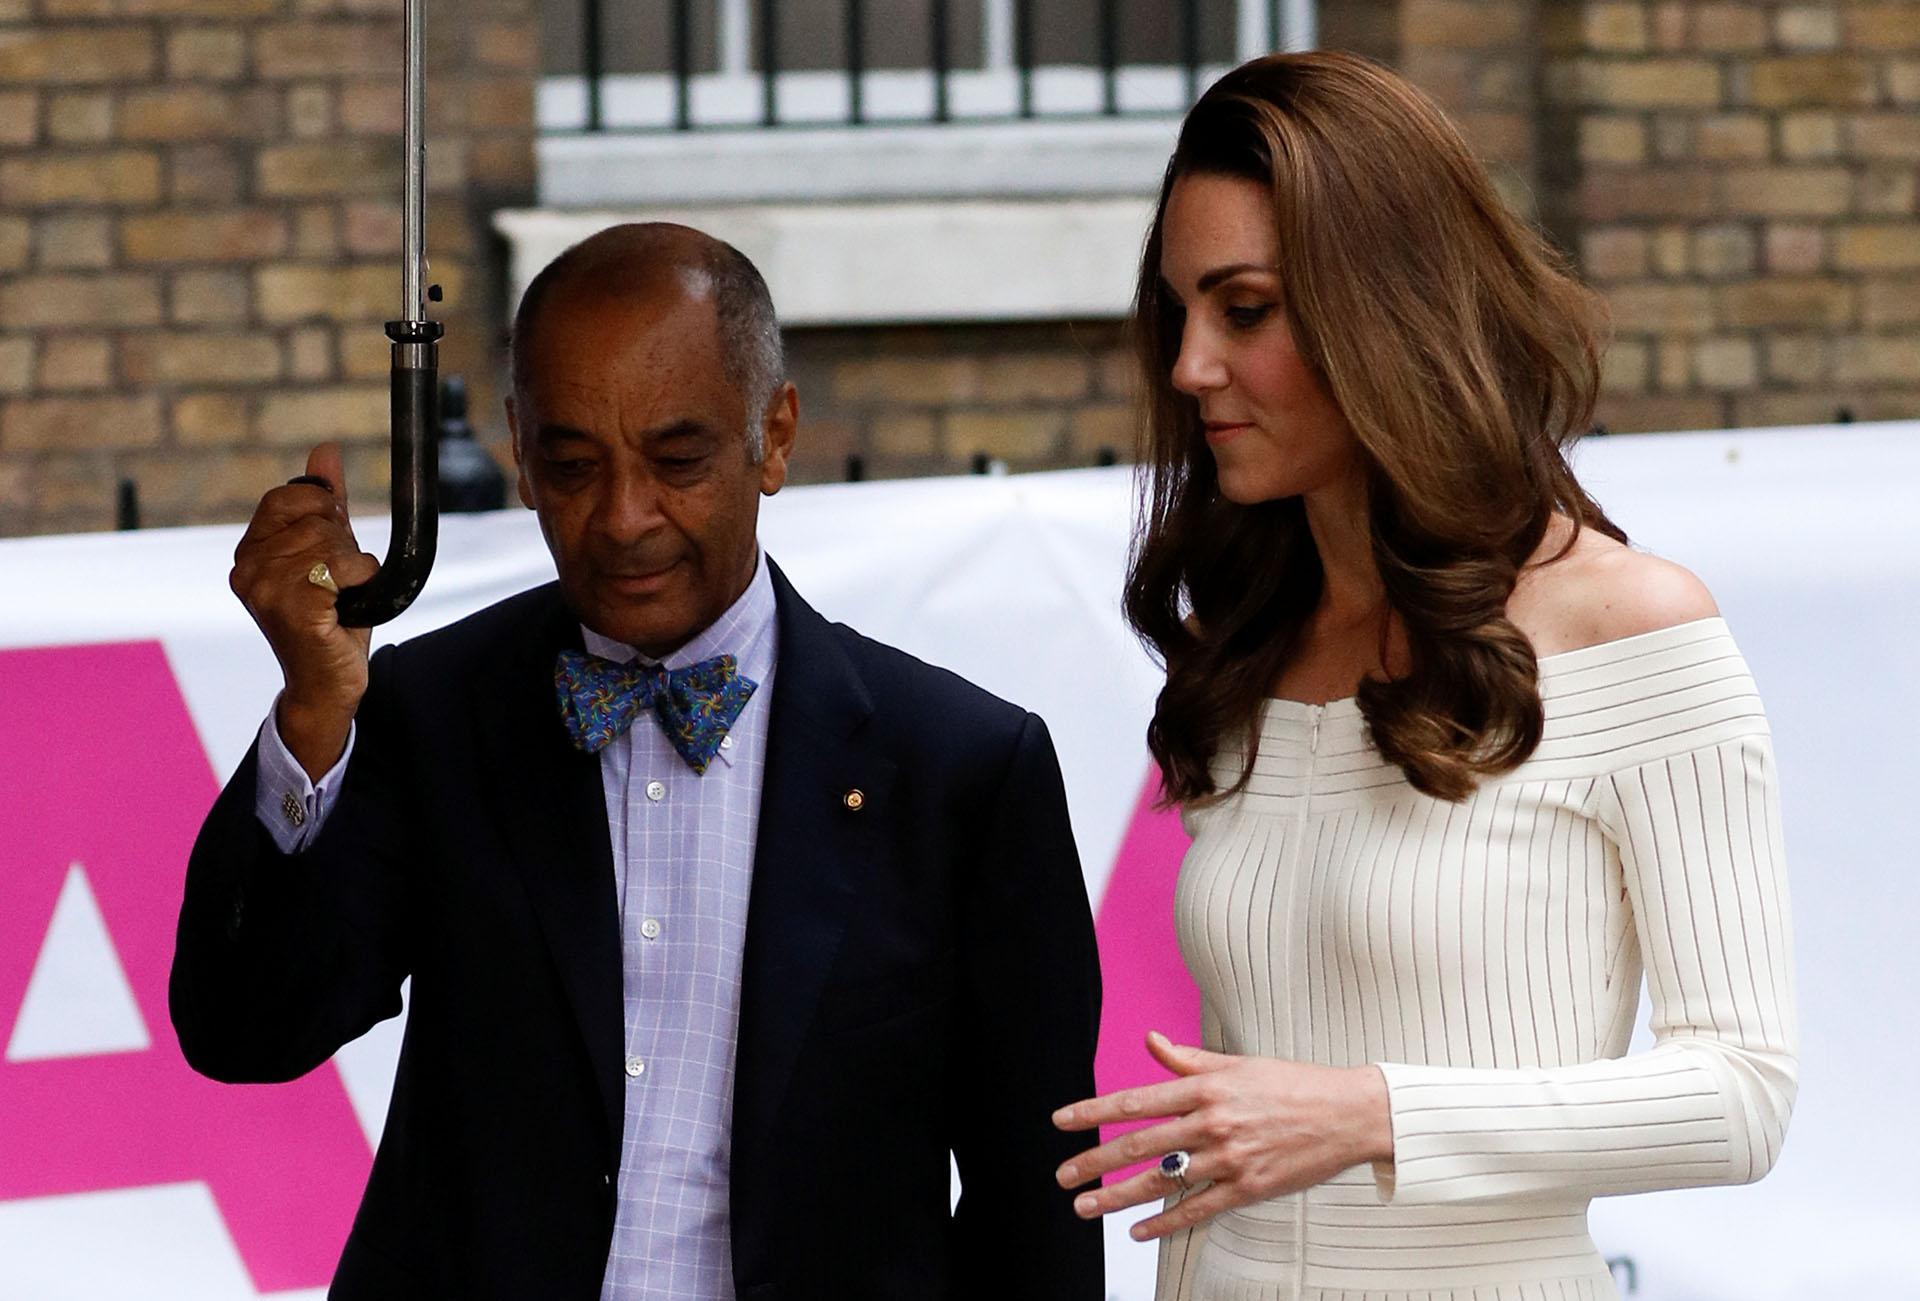 La esposa del príncipe Guillermo a su llegada a Somerset House, bajo una intensa lluvia